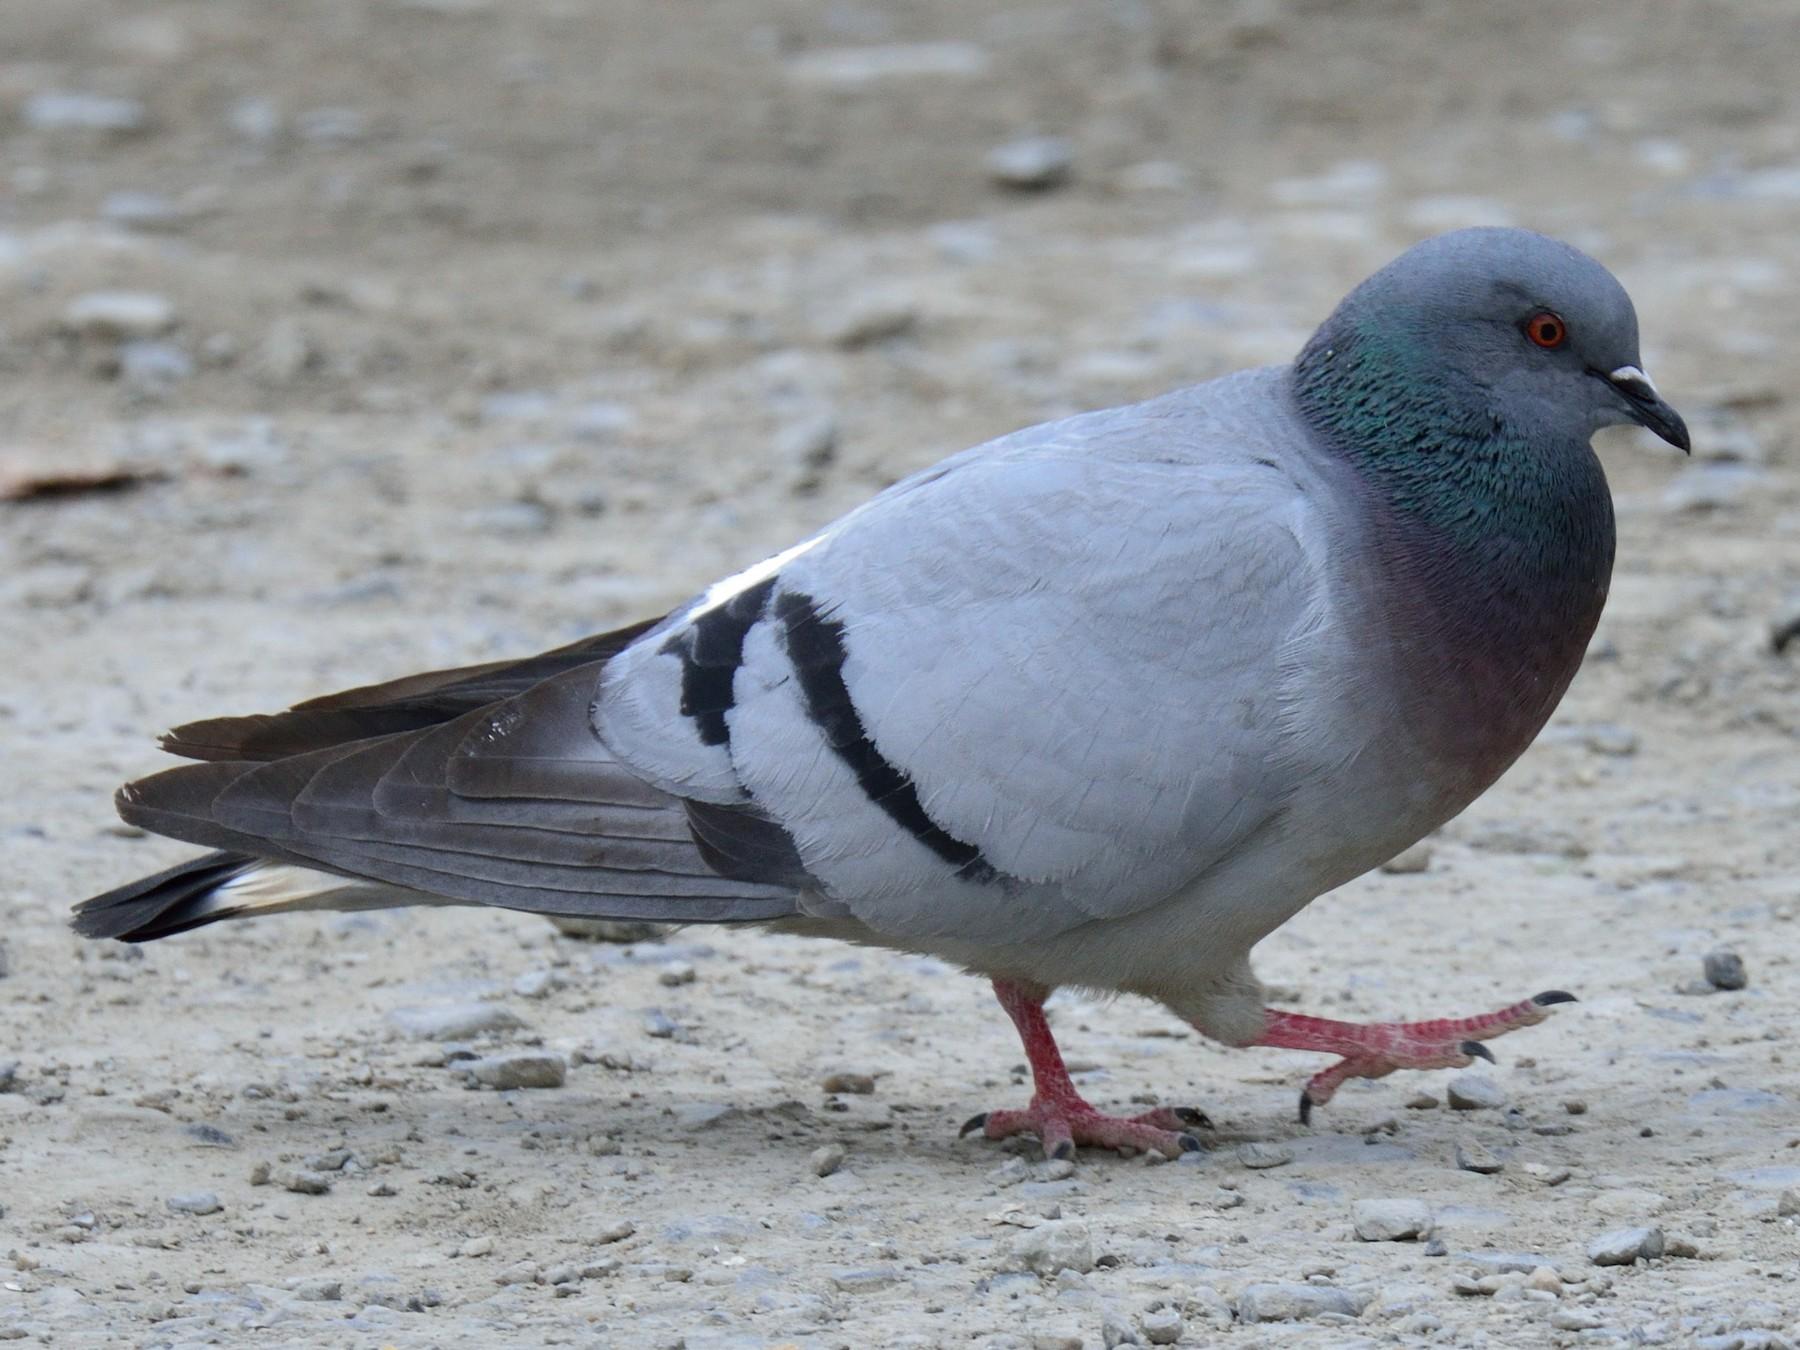 Hill Pigeon - Snehasis Sinha